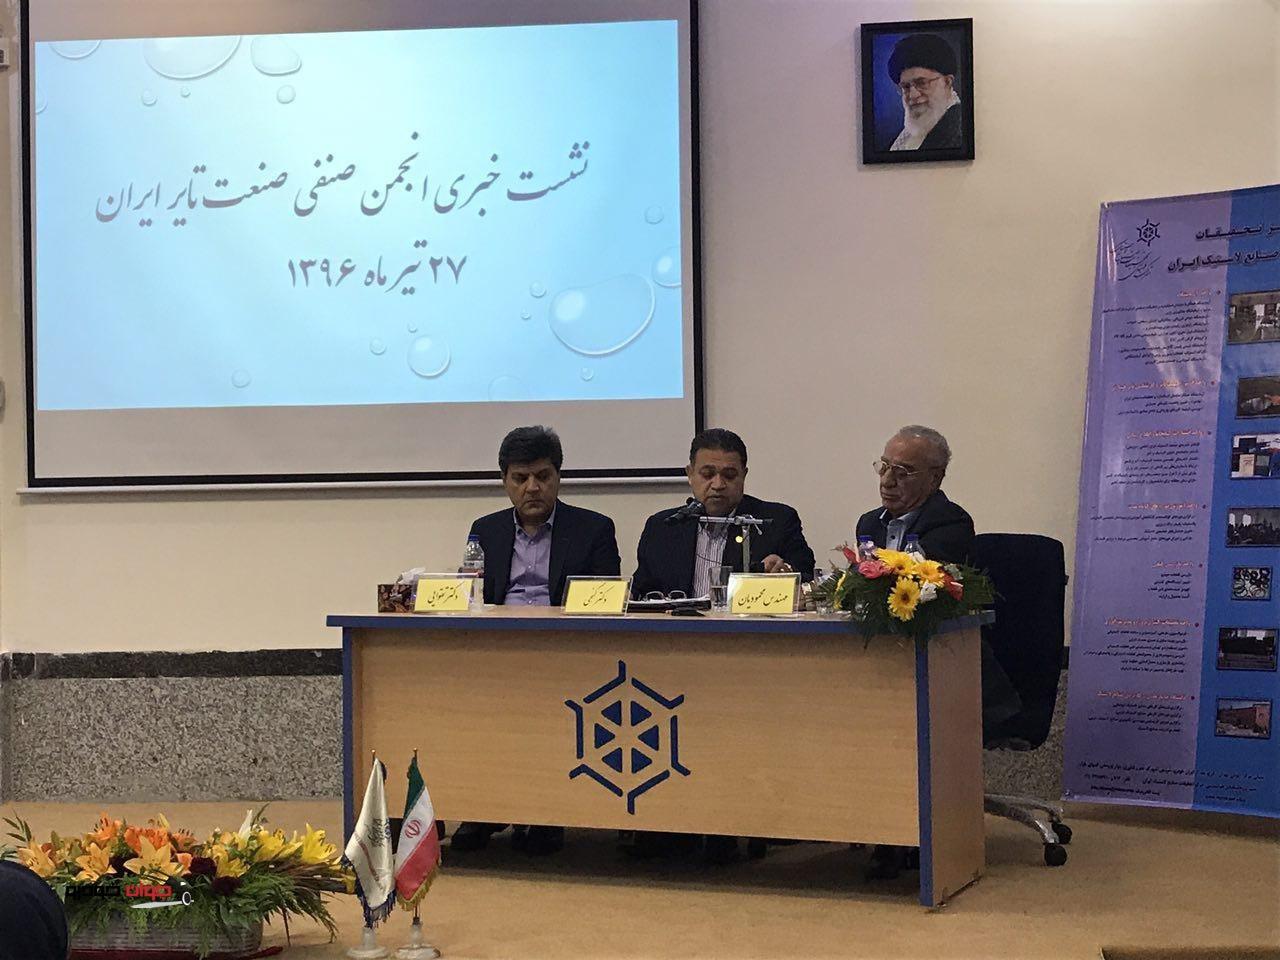 نشست خبری انجمن صنفی تایر ایران